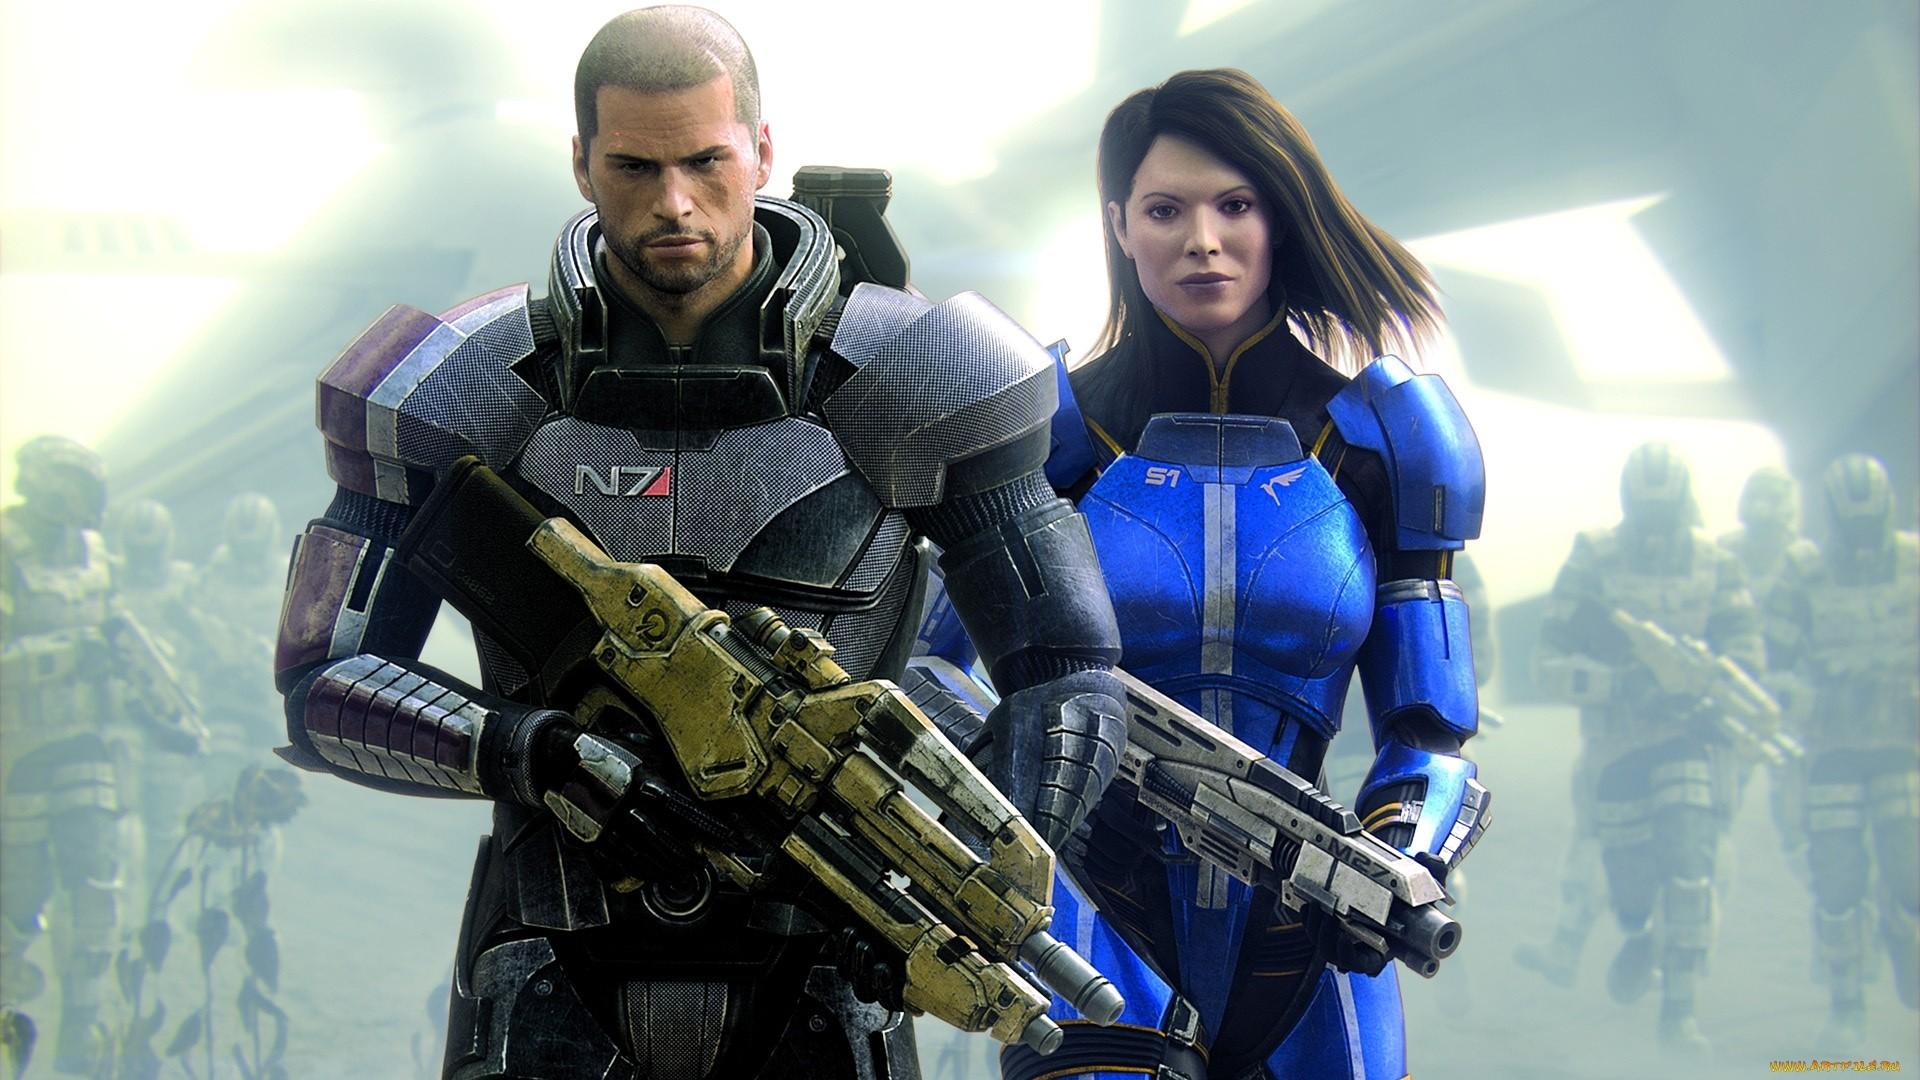 Mass Effect hd desktop wallpaper